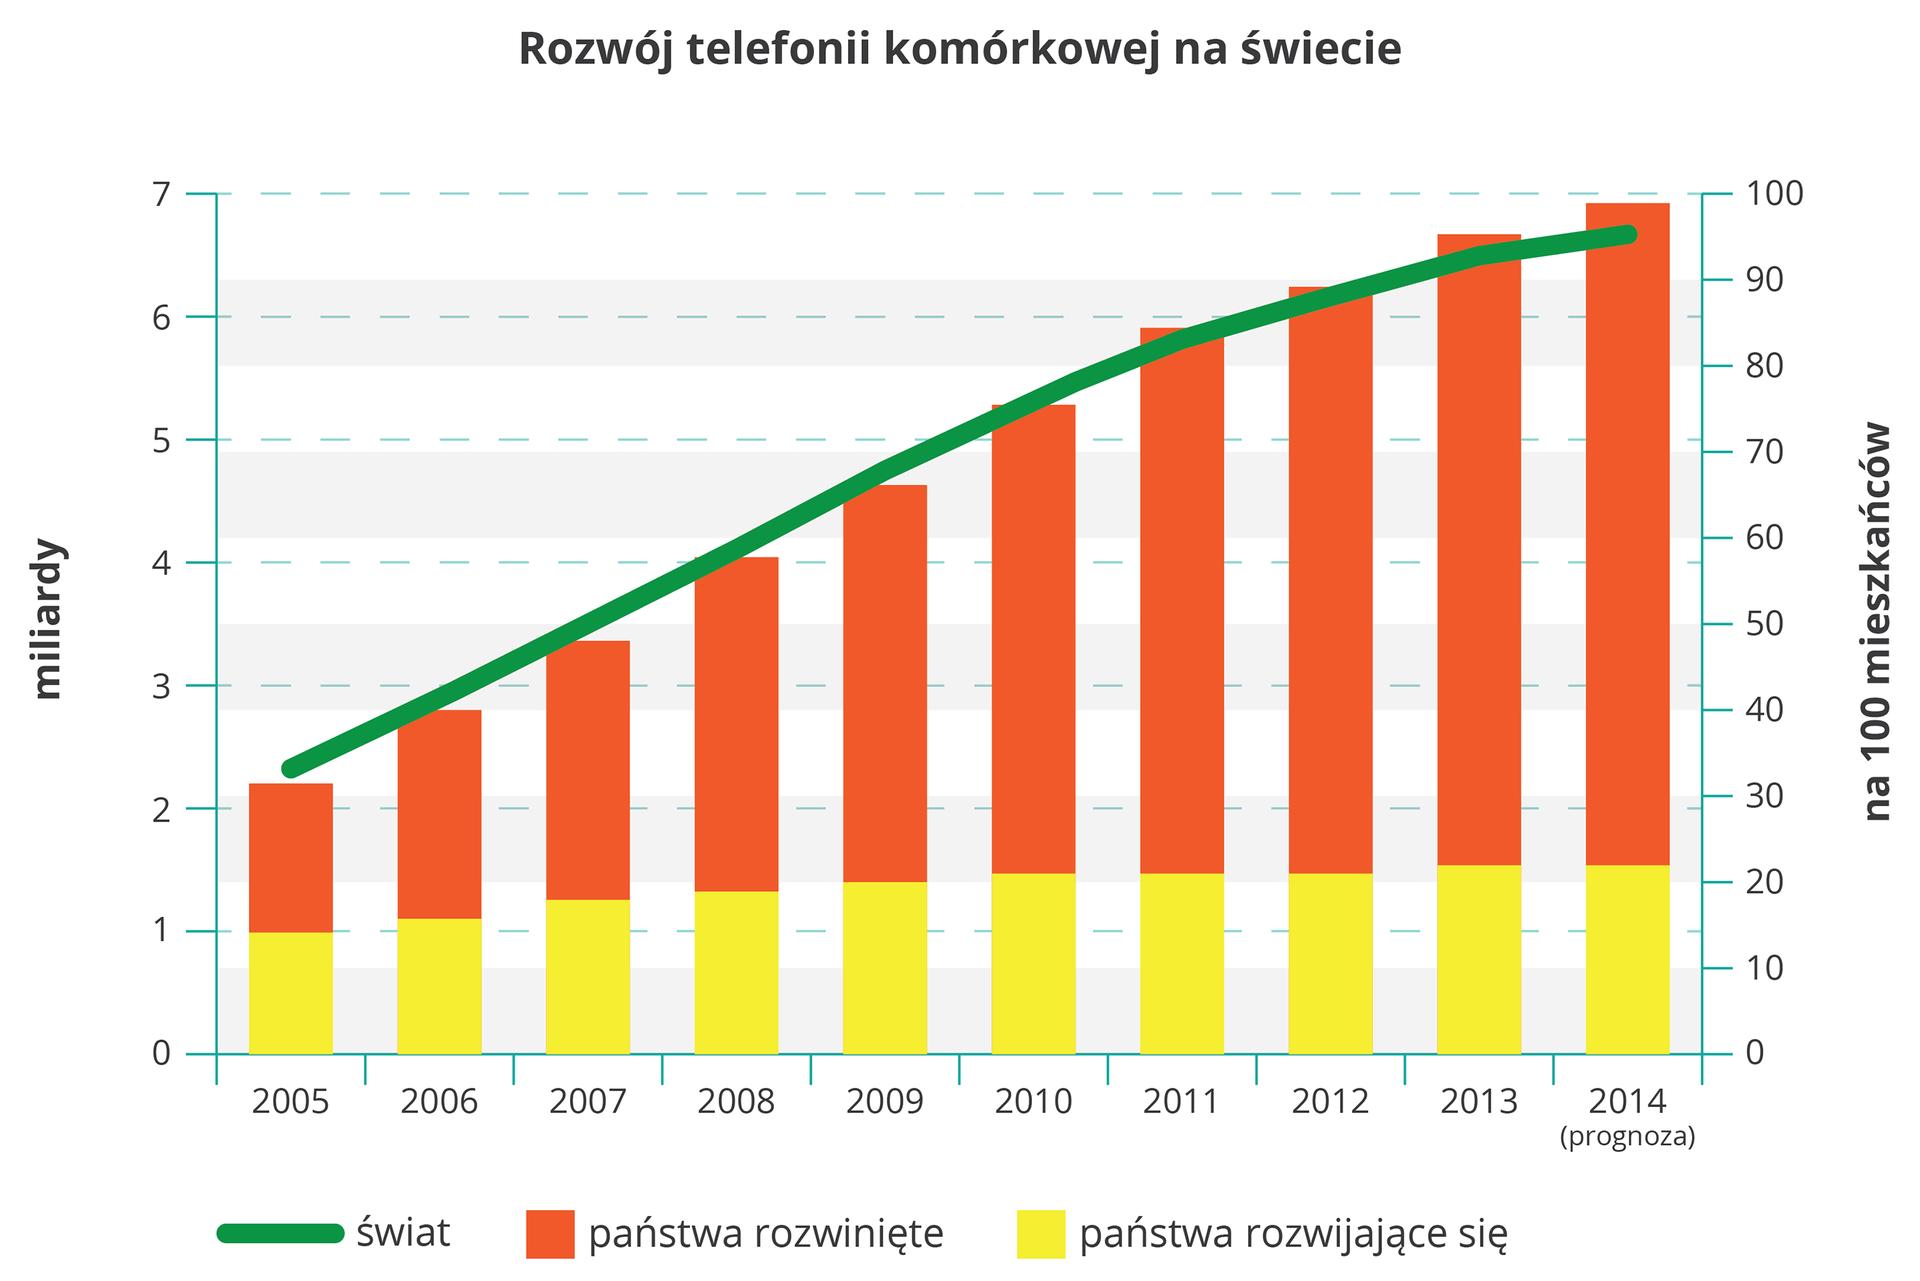 Na ilustracji wykres słupkowy. Na osi pionowej zlewej strony wartości od zera do siedmiu, miliardy. Na osi poziomej lata dwa tysiące pięć do dwa tysiące czternaście. Dziesięć słupków, na dole żółte, państwa rozwijające się, dalej czerwone, państwa rozwinięte. Słupki coraz większe, wartości od dwa do siedem. Kolor żółty stała wielkość, pół pierwszego słupka. Zielona linia, świat, przebiega po górnej krawędzi słupków.